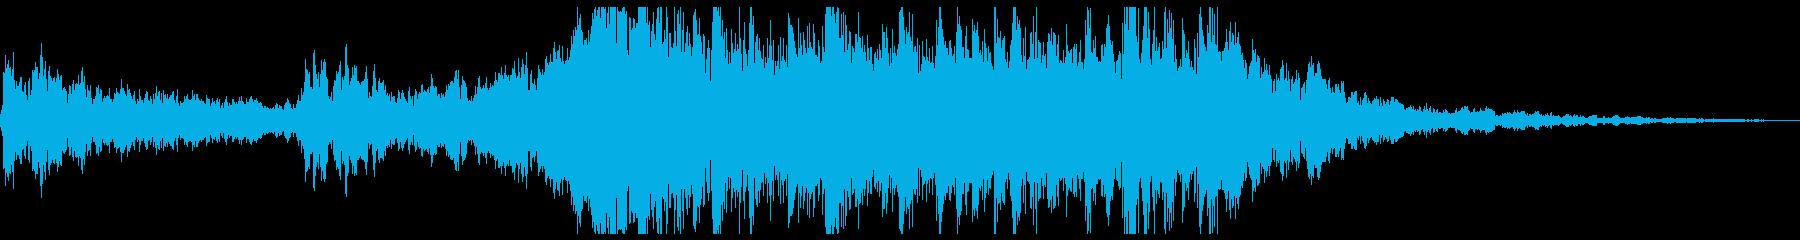 神秘的なコードの動きと異世界のサウ...の再生済みの波形